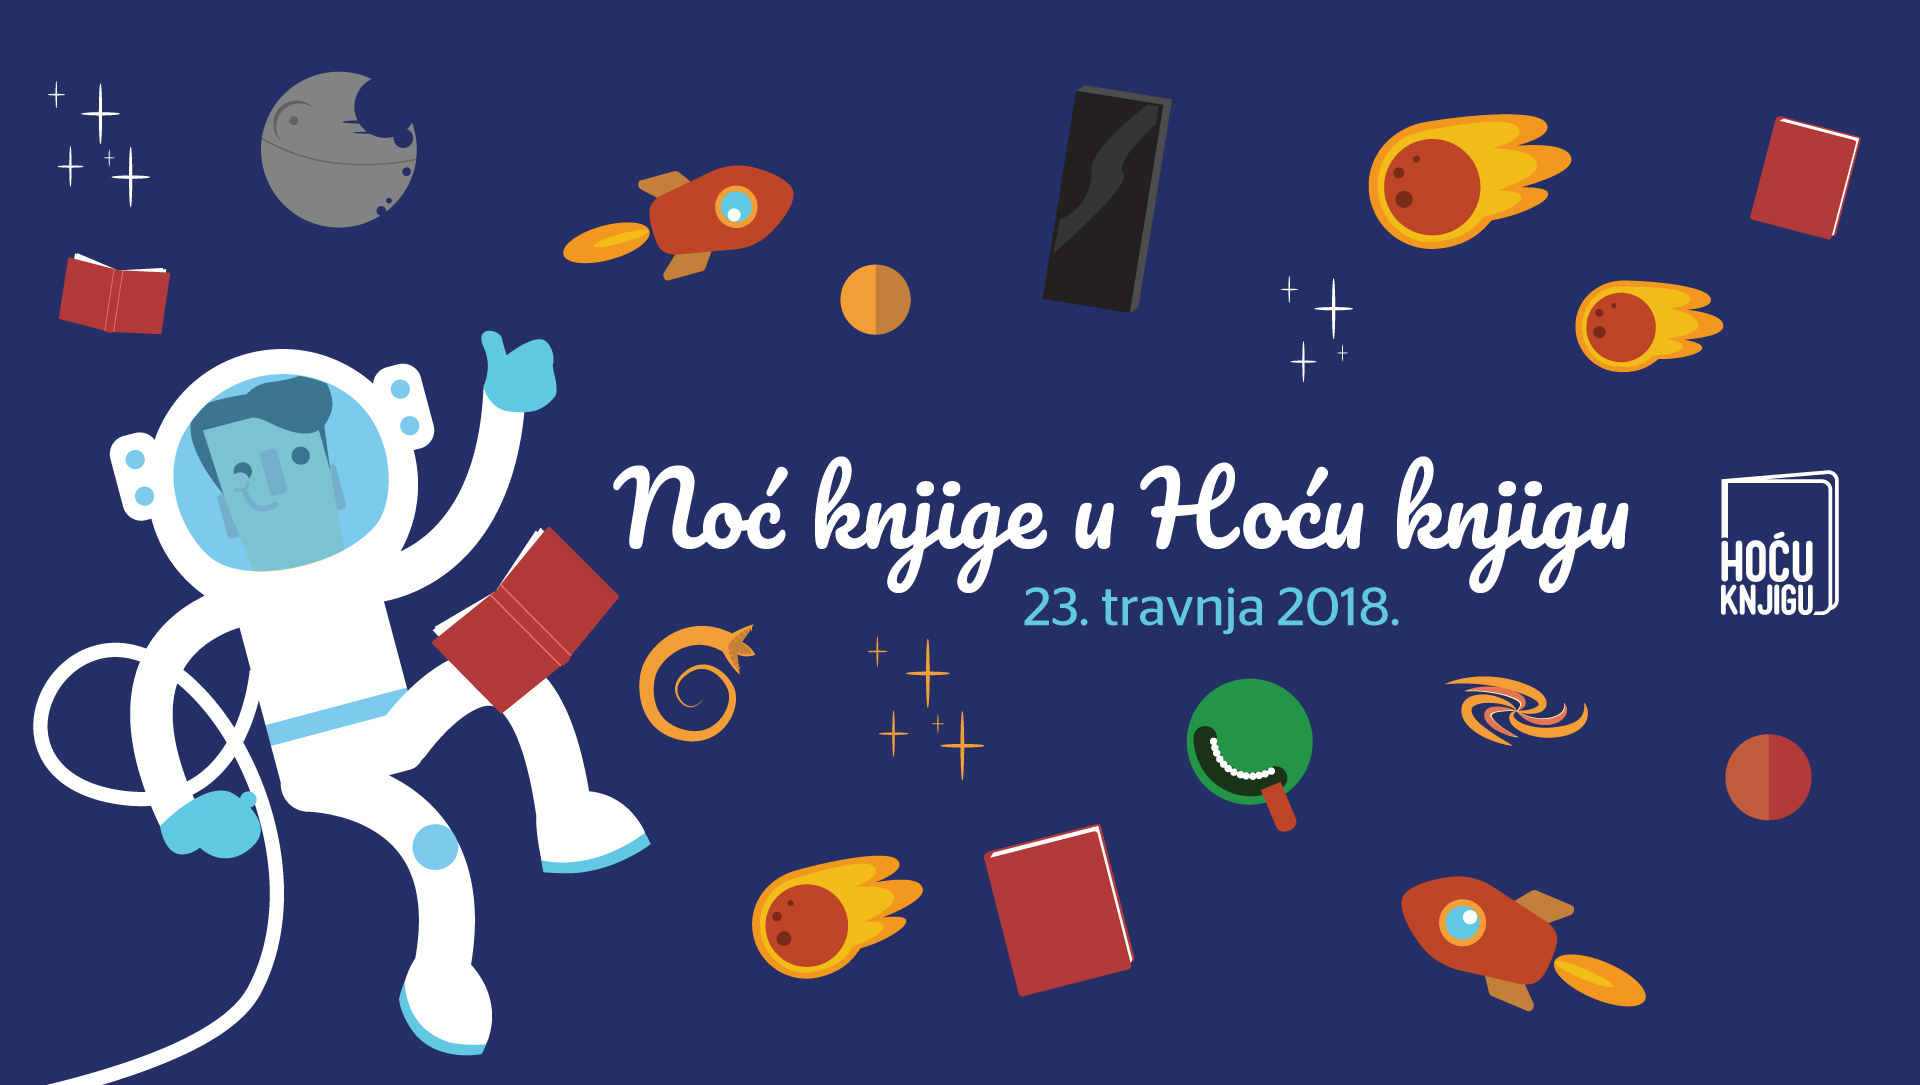 Spektakularna Noć knjige u Hoću knjigu